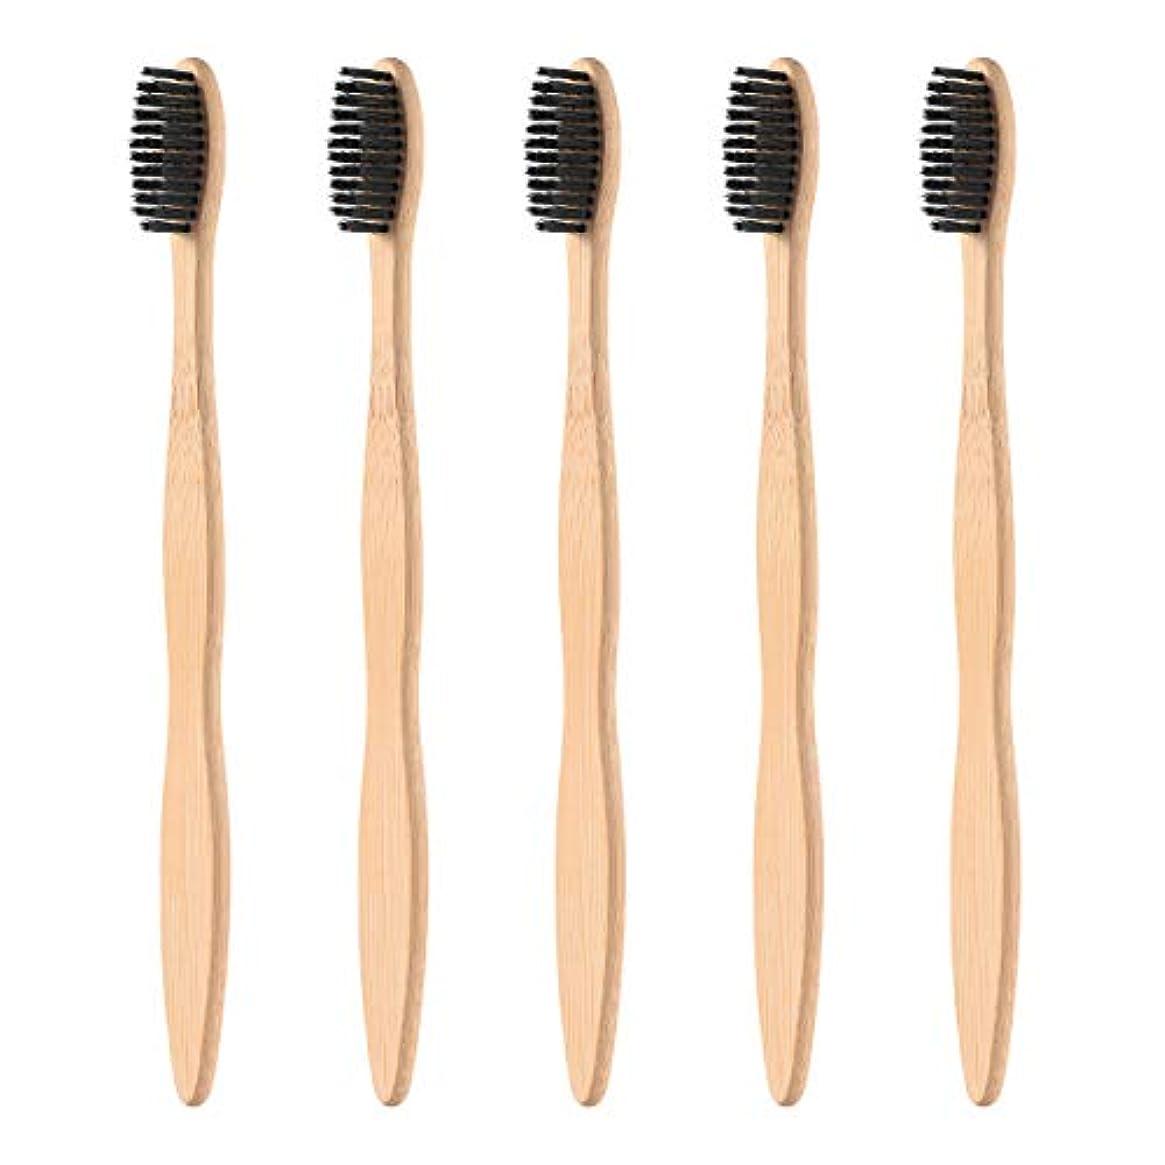 おそらくトランクライブラリ後継Healifty タケ環境的に歯ブラシ5pcsは柔らかい黒い剛毛が付いている自然な木のEcoの友好的な歯ブラシを扱います